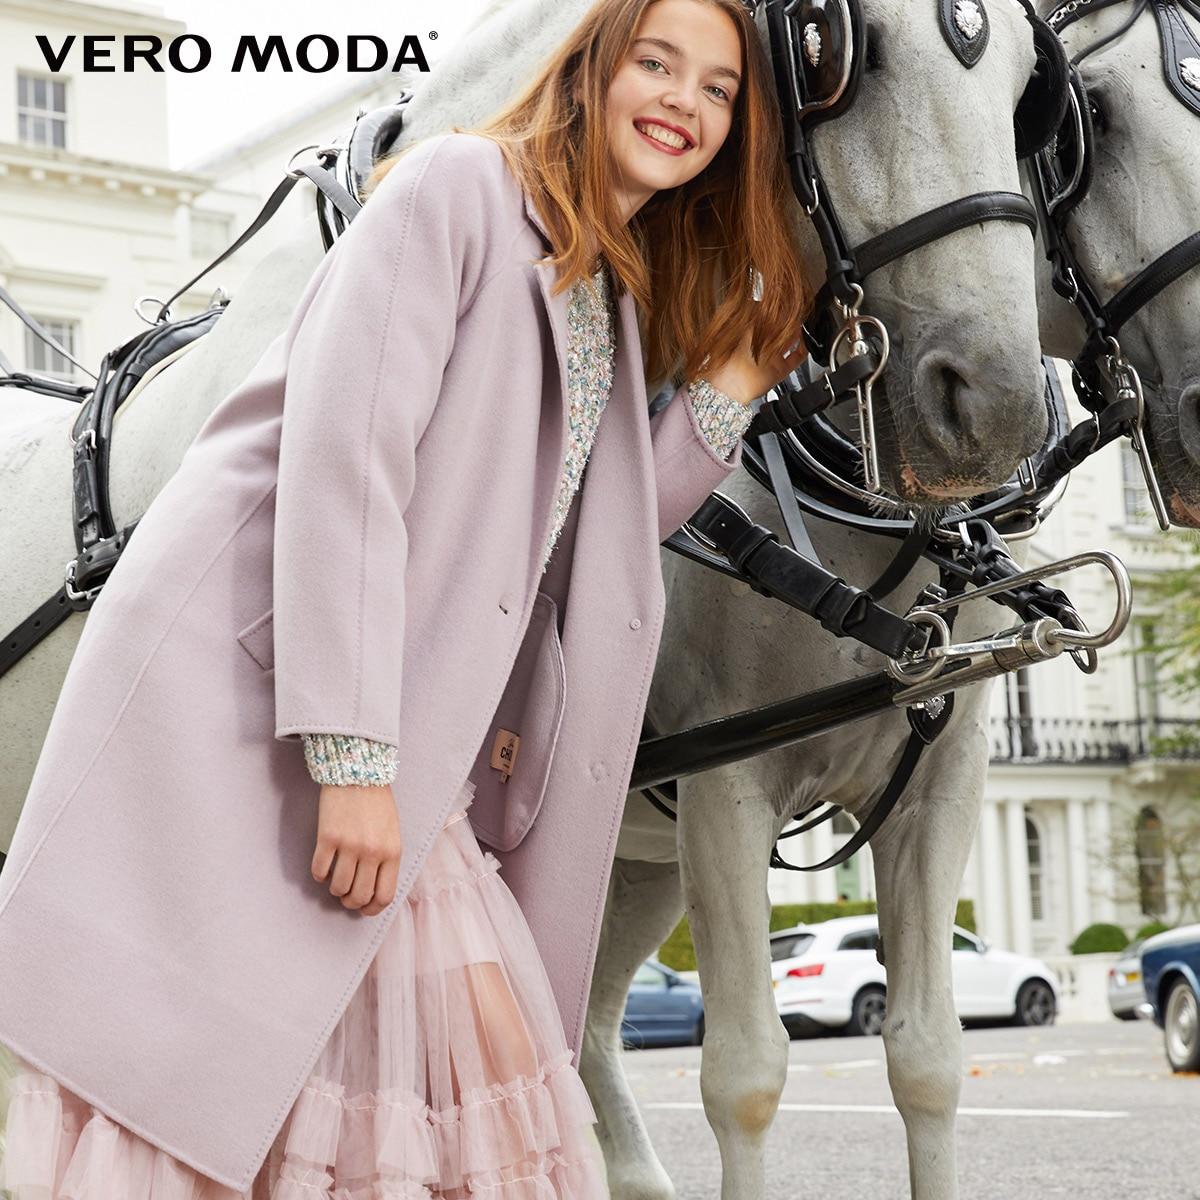 Vero Moda Women's New 100% Wool Double-sided Single Buckle Minimalist Woolen Overcoat | 318327505